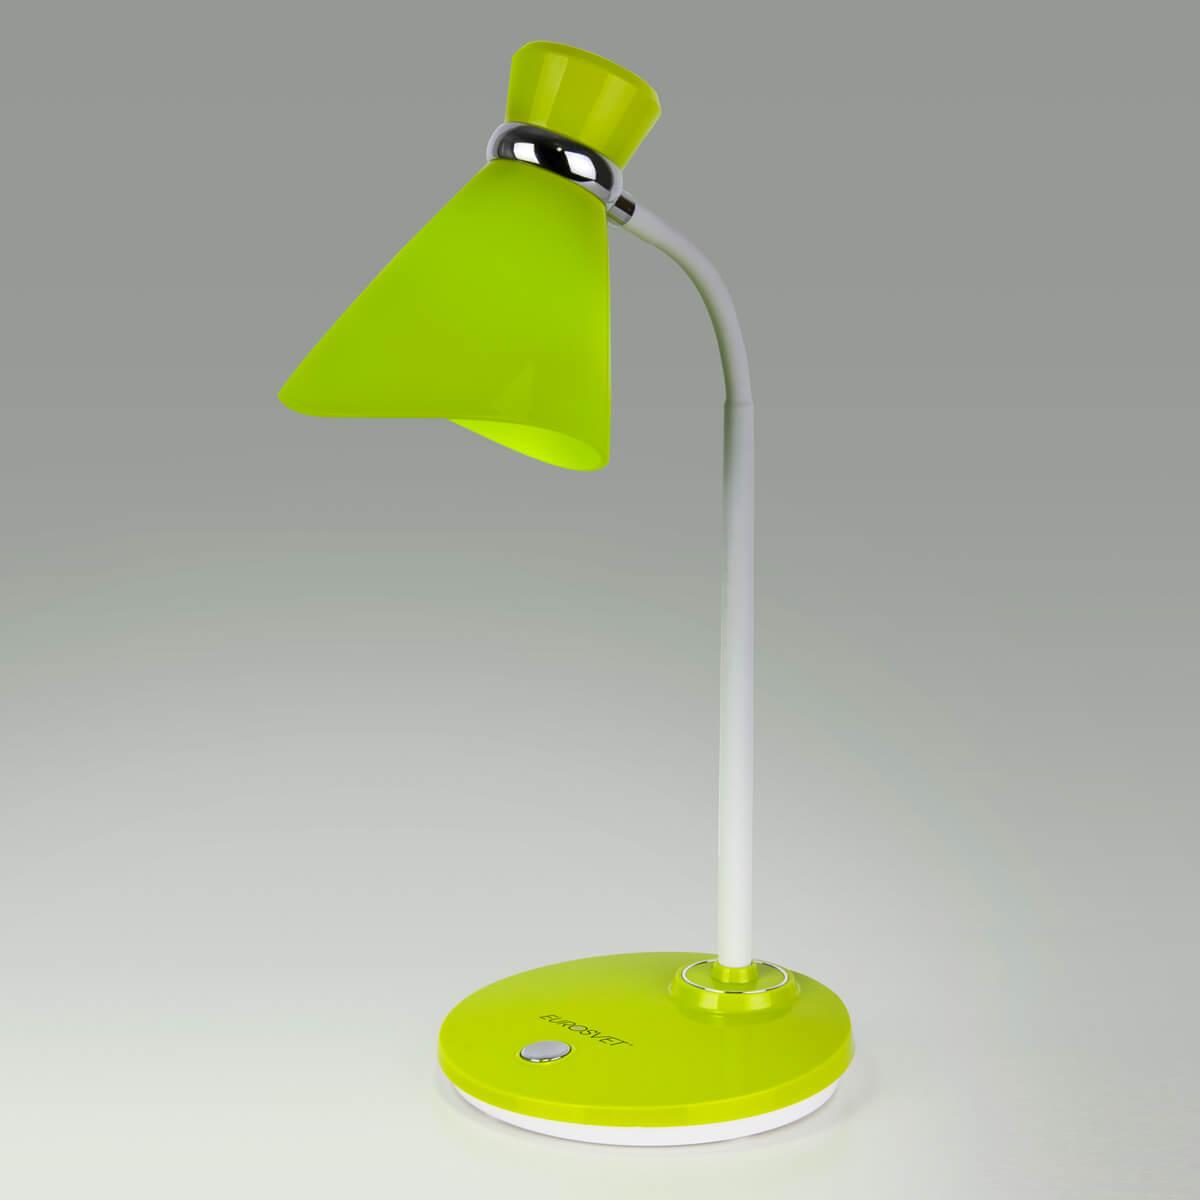 Настольная лампа Eurosvet 01077/1 зеленый School eurosvet настольная лампа eurosvet 008 1t gr зеленый мал уп 10 шт